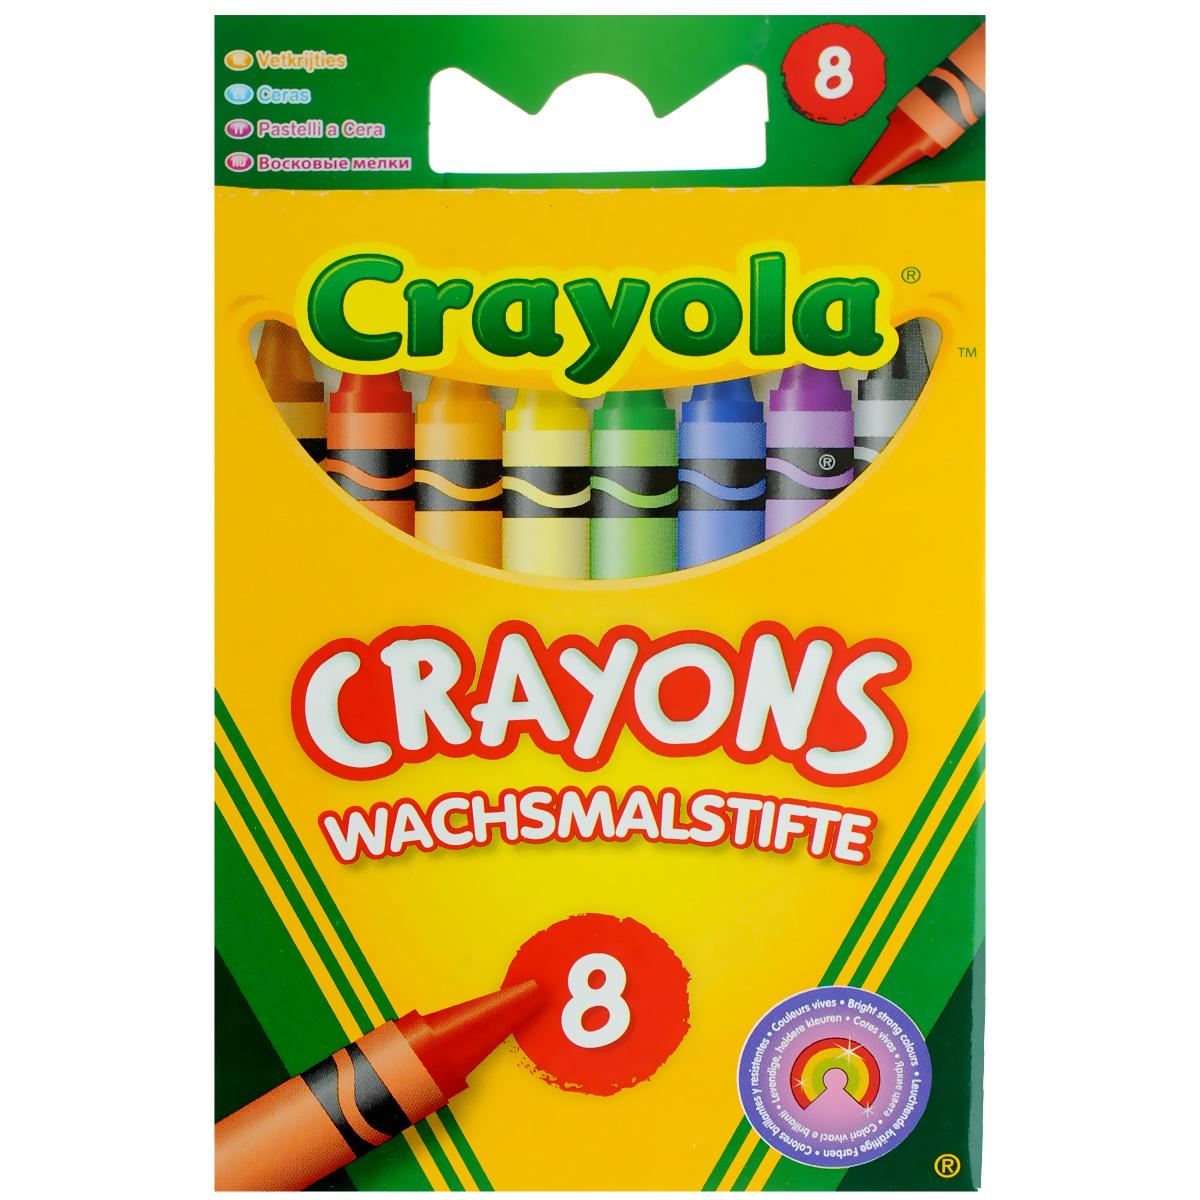 Восковые мелки Crayola, 8 штPP-301Восковые мелки Crayola откроют юным художникам новые горизонты для творчества, а также помогут отлично развить мелкую моторику рук, цветовое восприятие, фантазию и воображение. Восковые мелки предназначены для рисования по бумаге и являются альтернативой привычным цветным карандашам. Они изготовлены из натурального пчелиного воска с добавлением растительных красок, поэтому безвредны для ребенка, даже если он попробует их на вкус.В набор входят 8 восковых мелков синего, фиолетового, черного, коричневого, желтого, зеленого, красного и оранжевого цветов. Мелки обернуты в бумажную гильзу, что позволит сохранить руки ребенка чистыми.